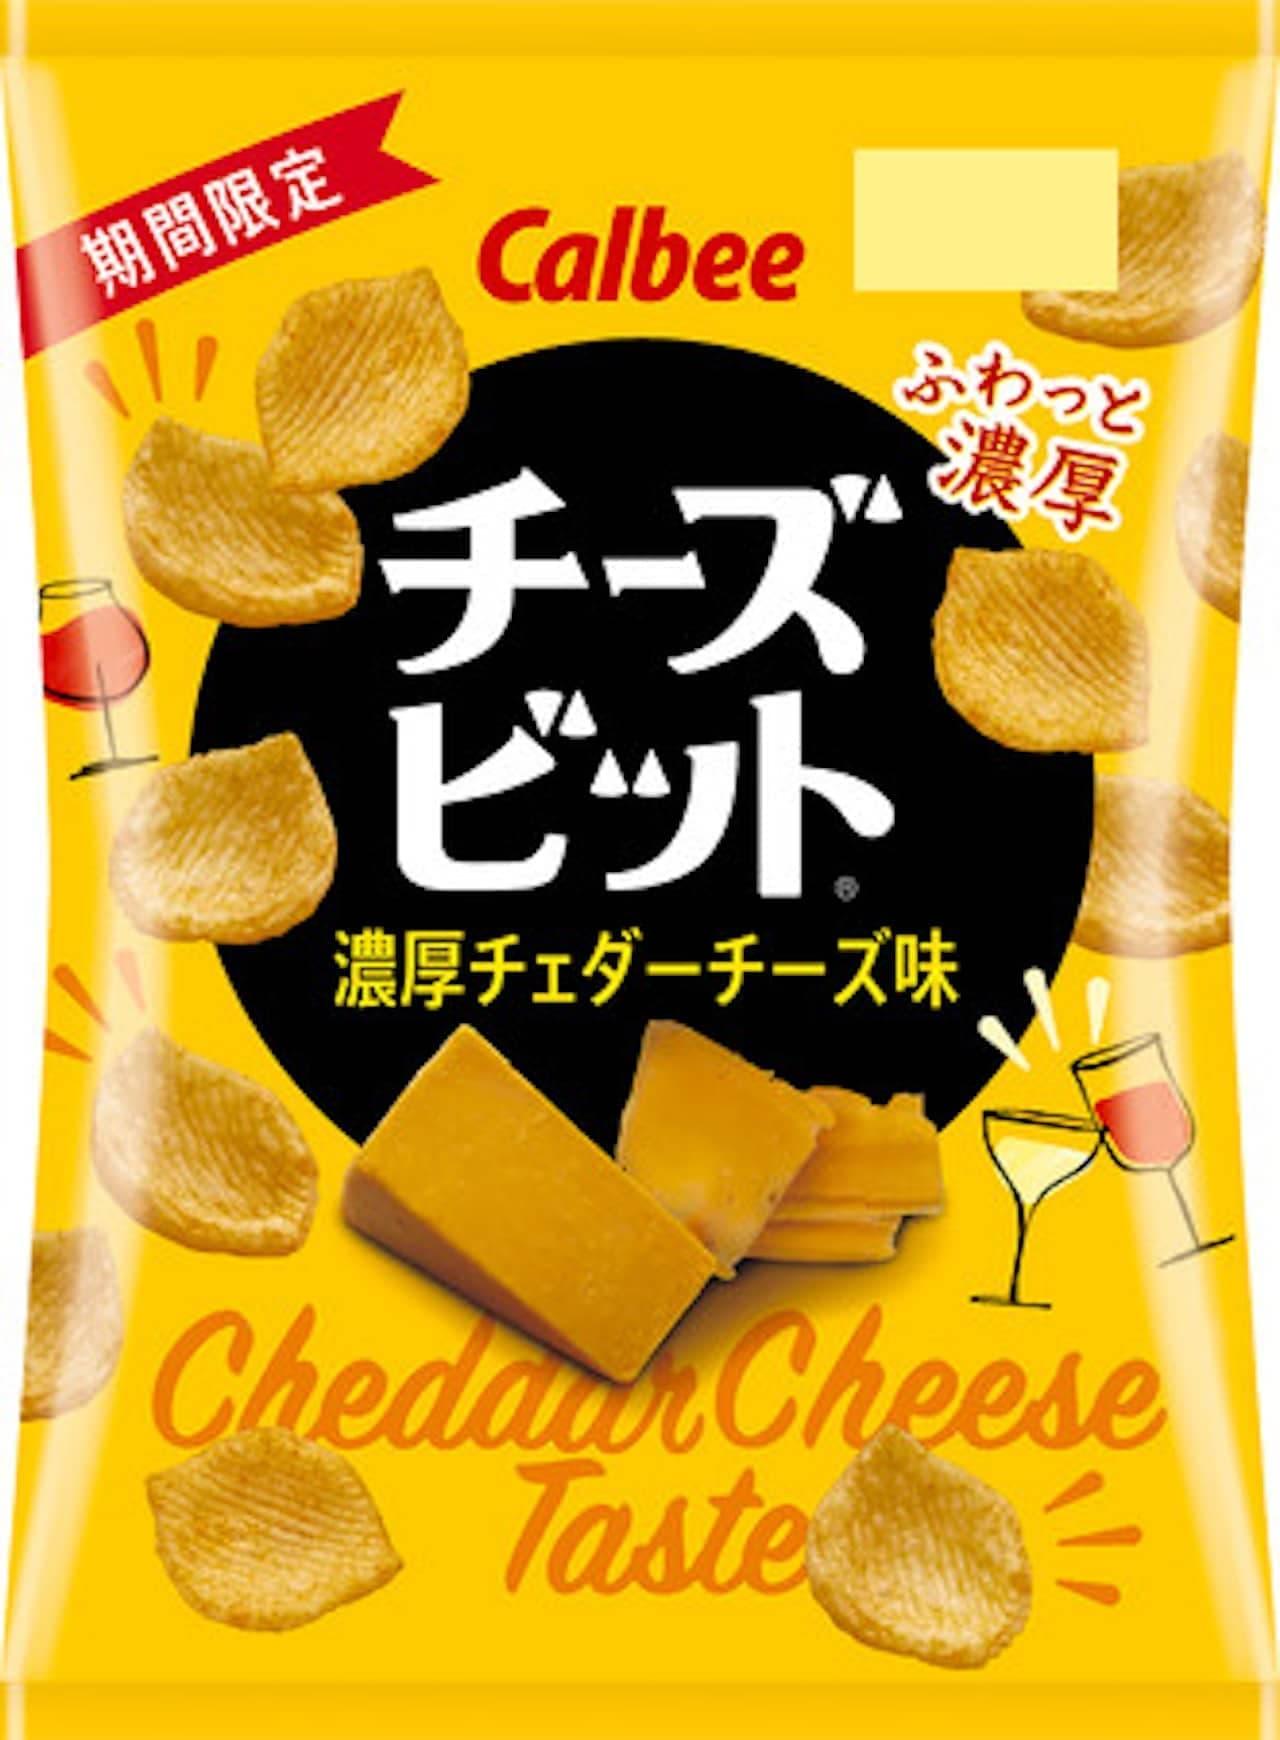 コンビニ先行「チーズビット 濃厚チェダーチーズ味」